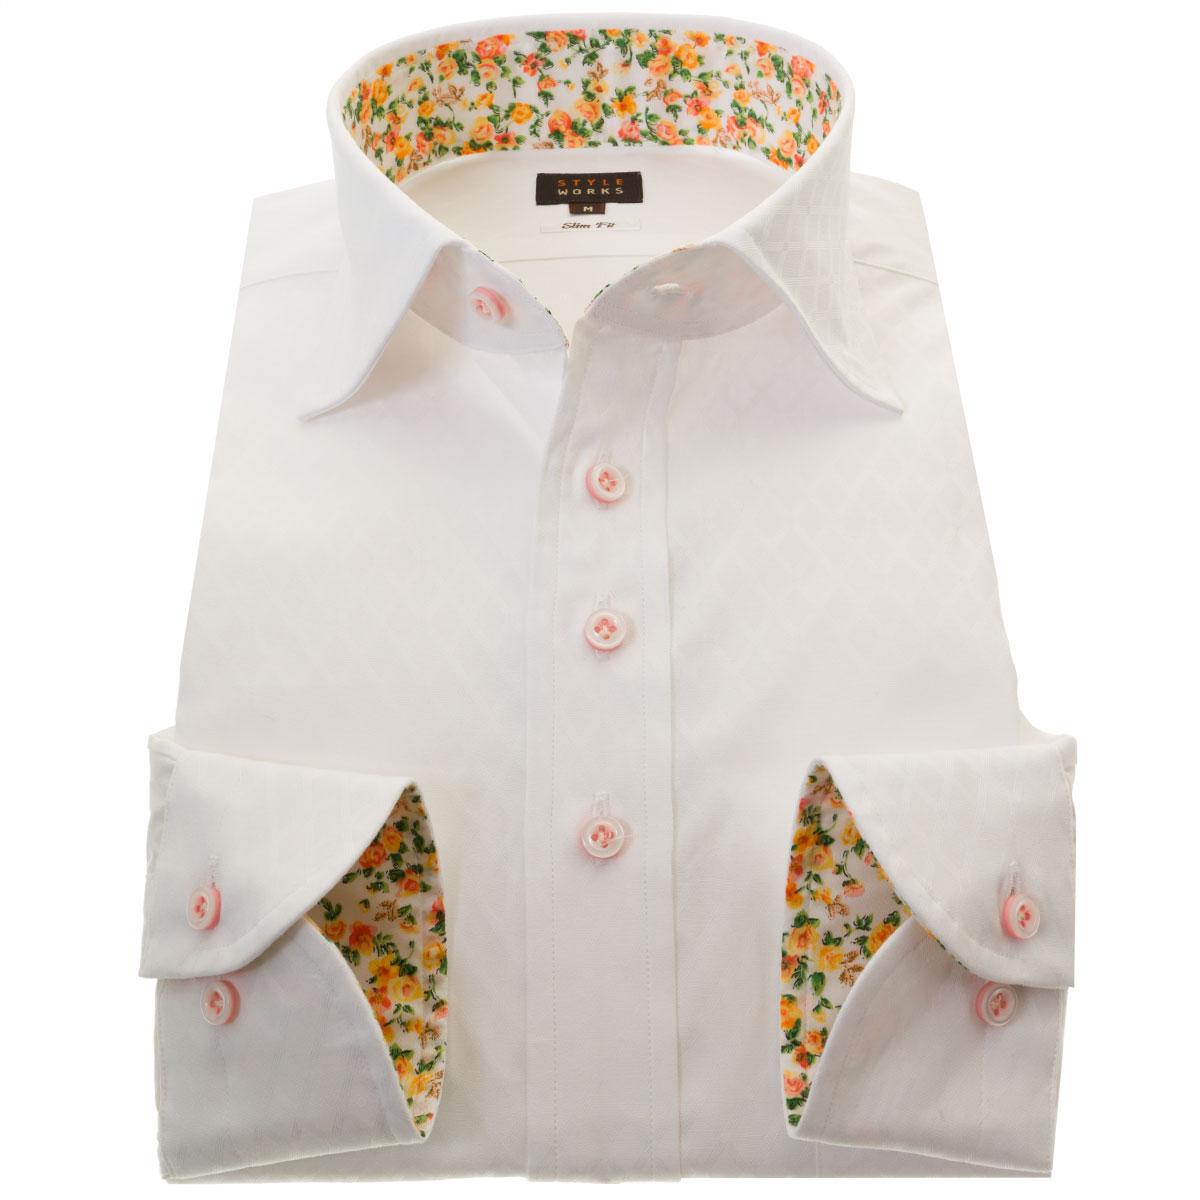 国産長袖ドレスシャツ 綿100 スリムフィット ワイドカラー ホワイト 白 ジャガード織ダイアチェック ミニドットメンズ